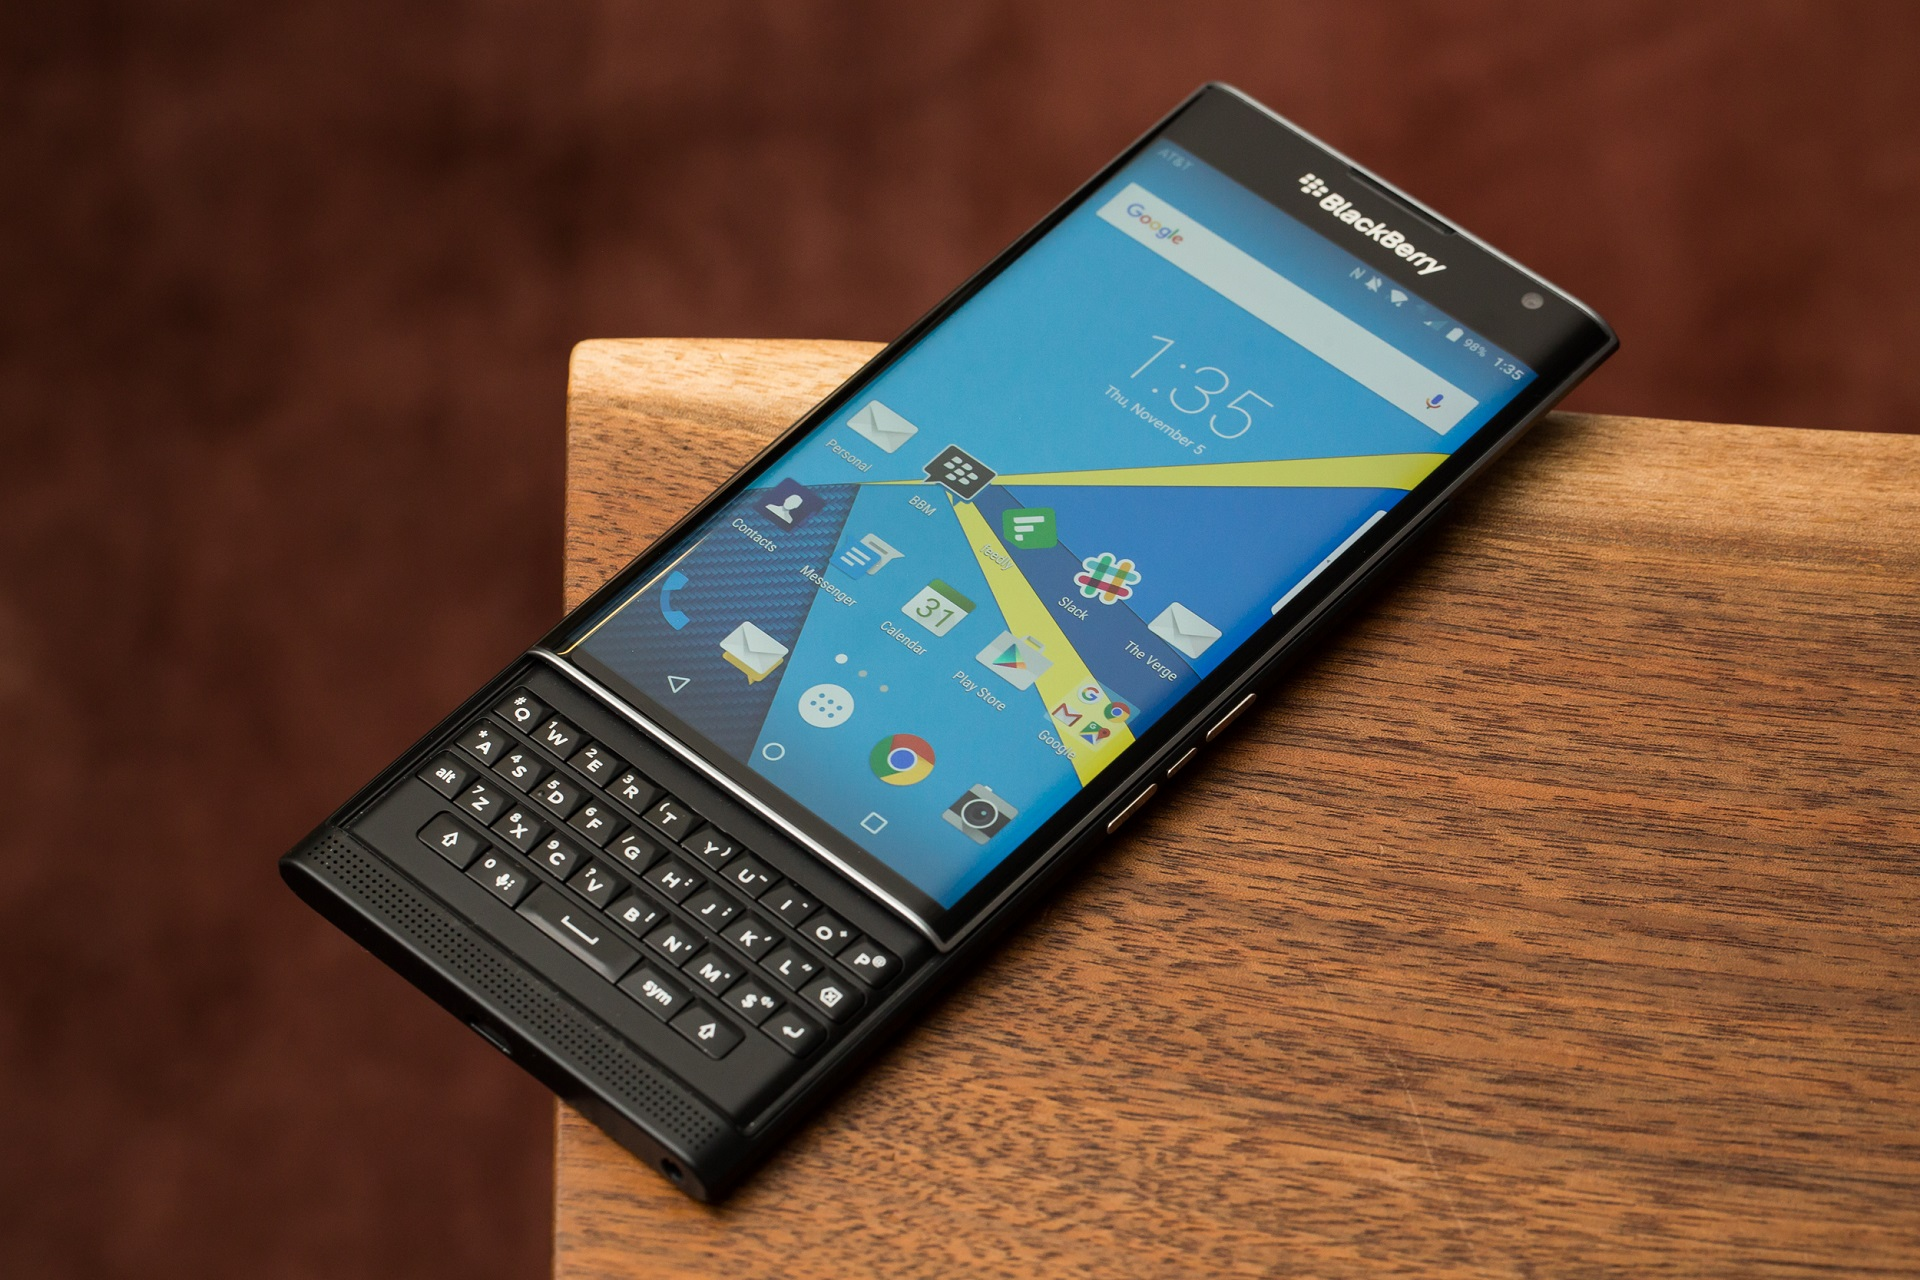 В Сети обнародовали характеристики нового смартфона BlackBerry